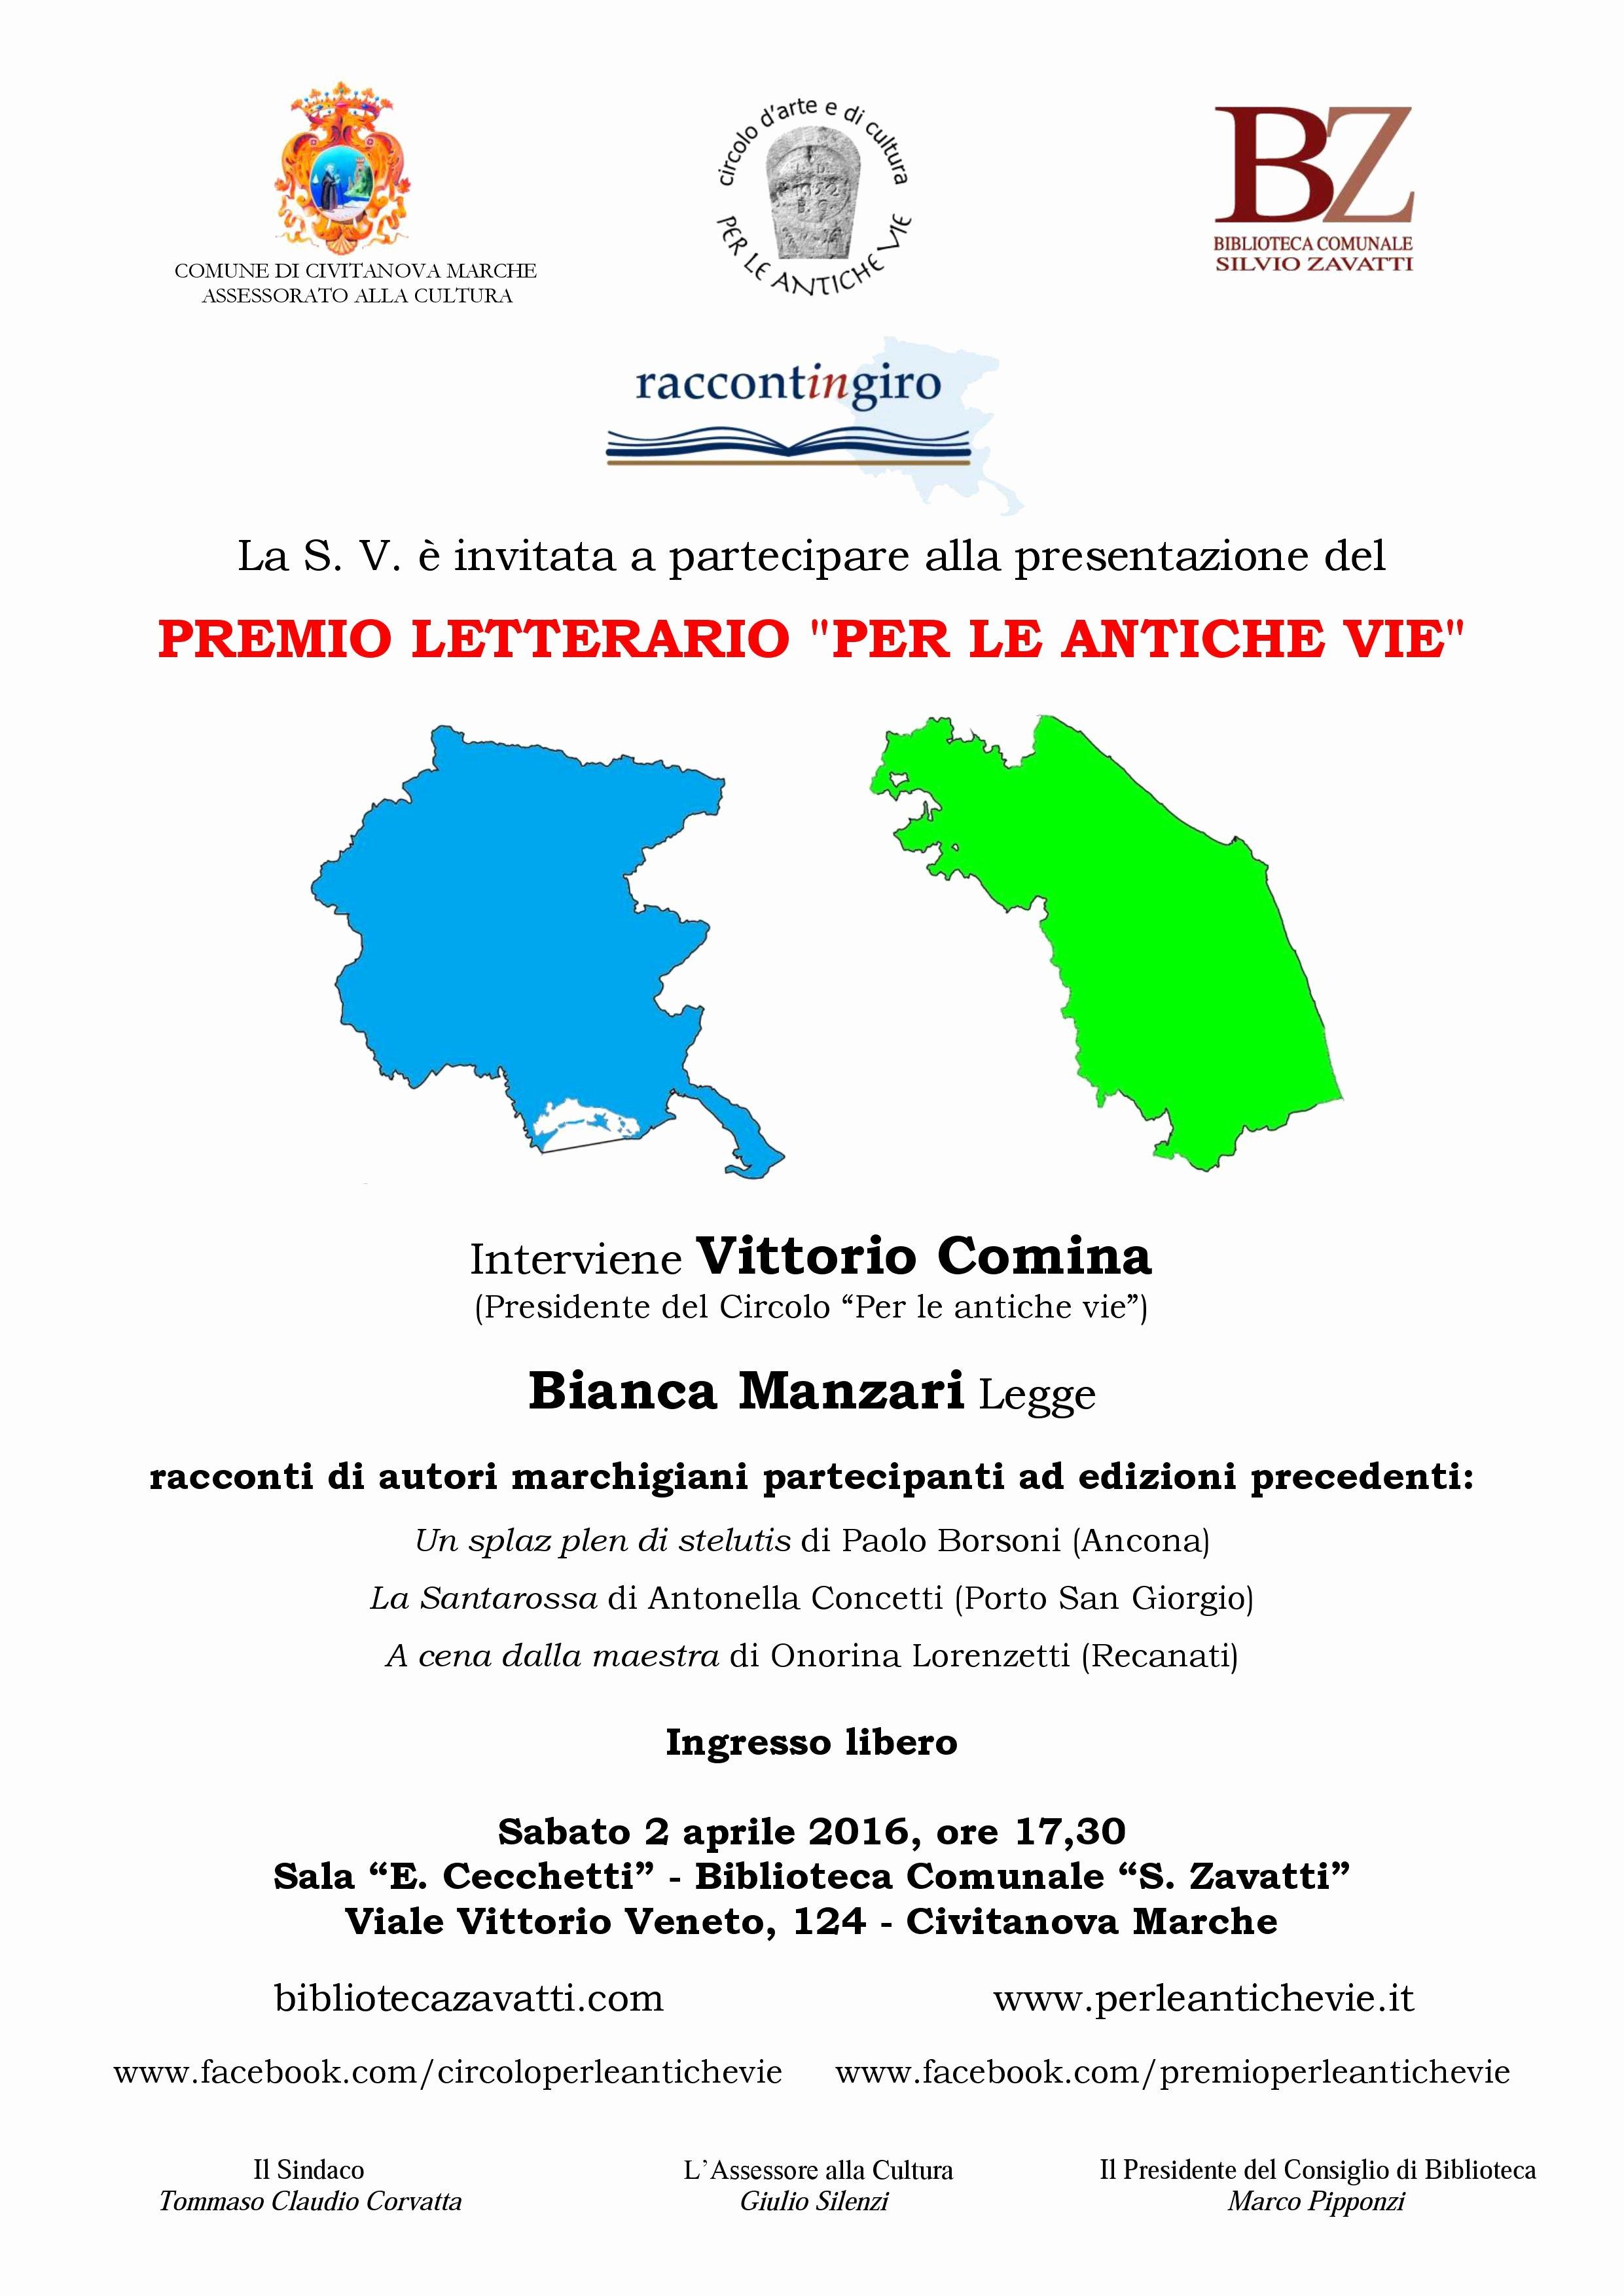 """Scad Letter Of Recommendation Elegant Biblioteca Unale """"silvio Zavatti"""" – Civitanova Marche"""